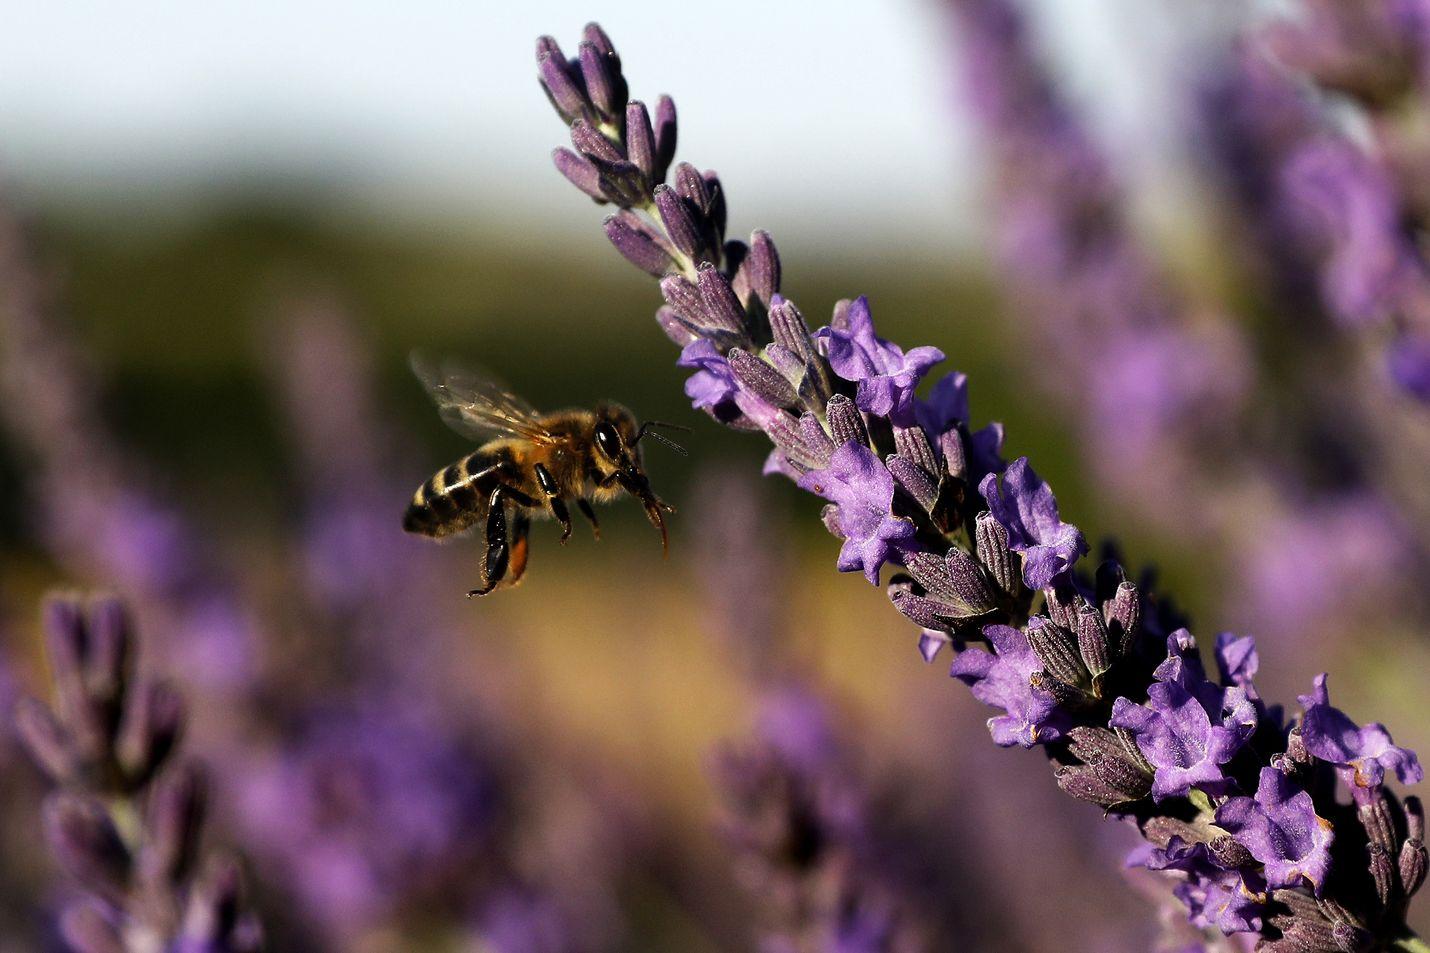 Mehiläinen kuvattiin laventelipellolla Etelä-Ranskassa kesäkuun lopussa.